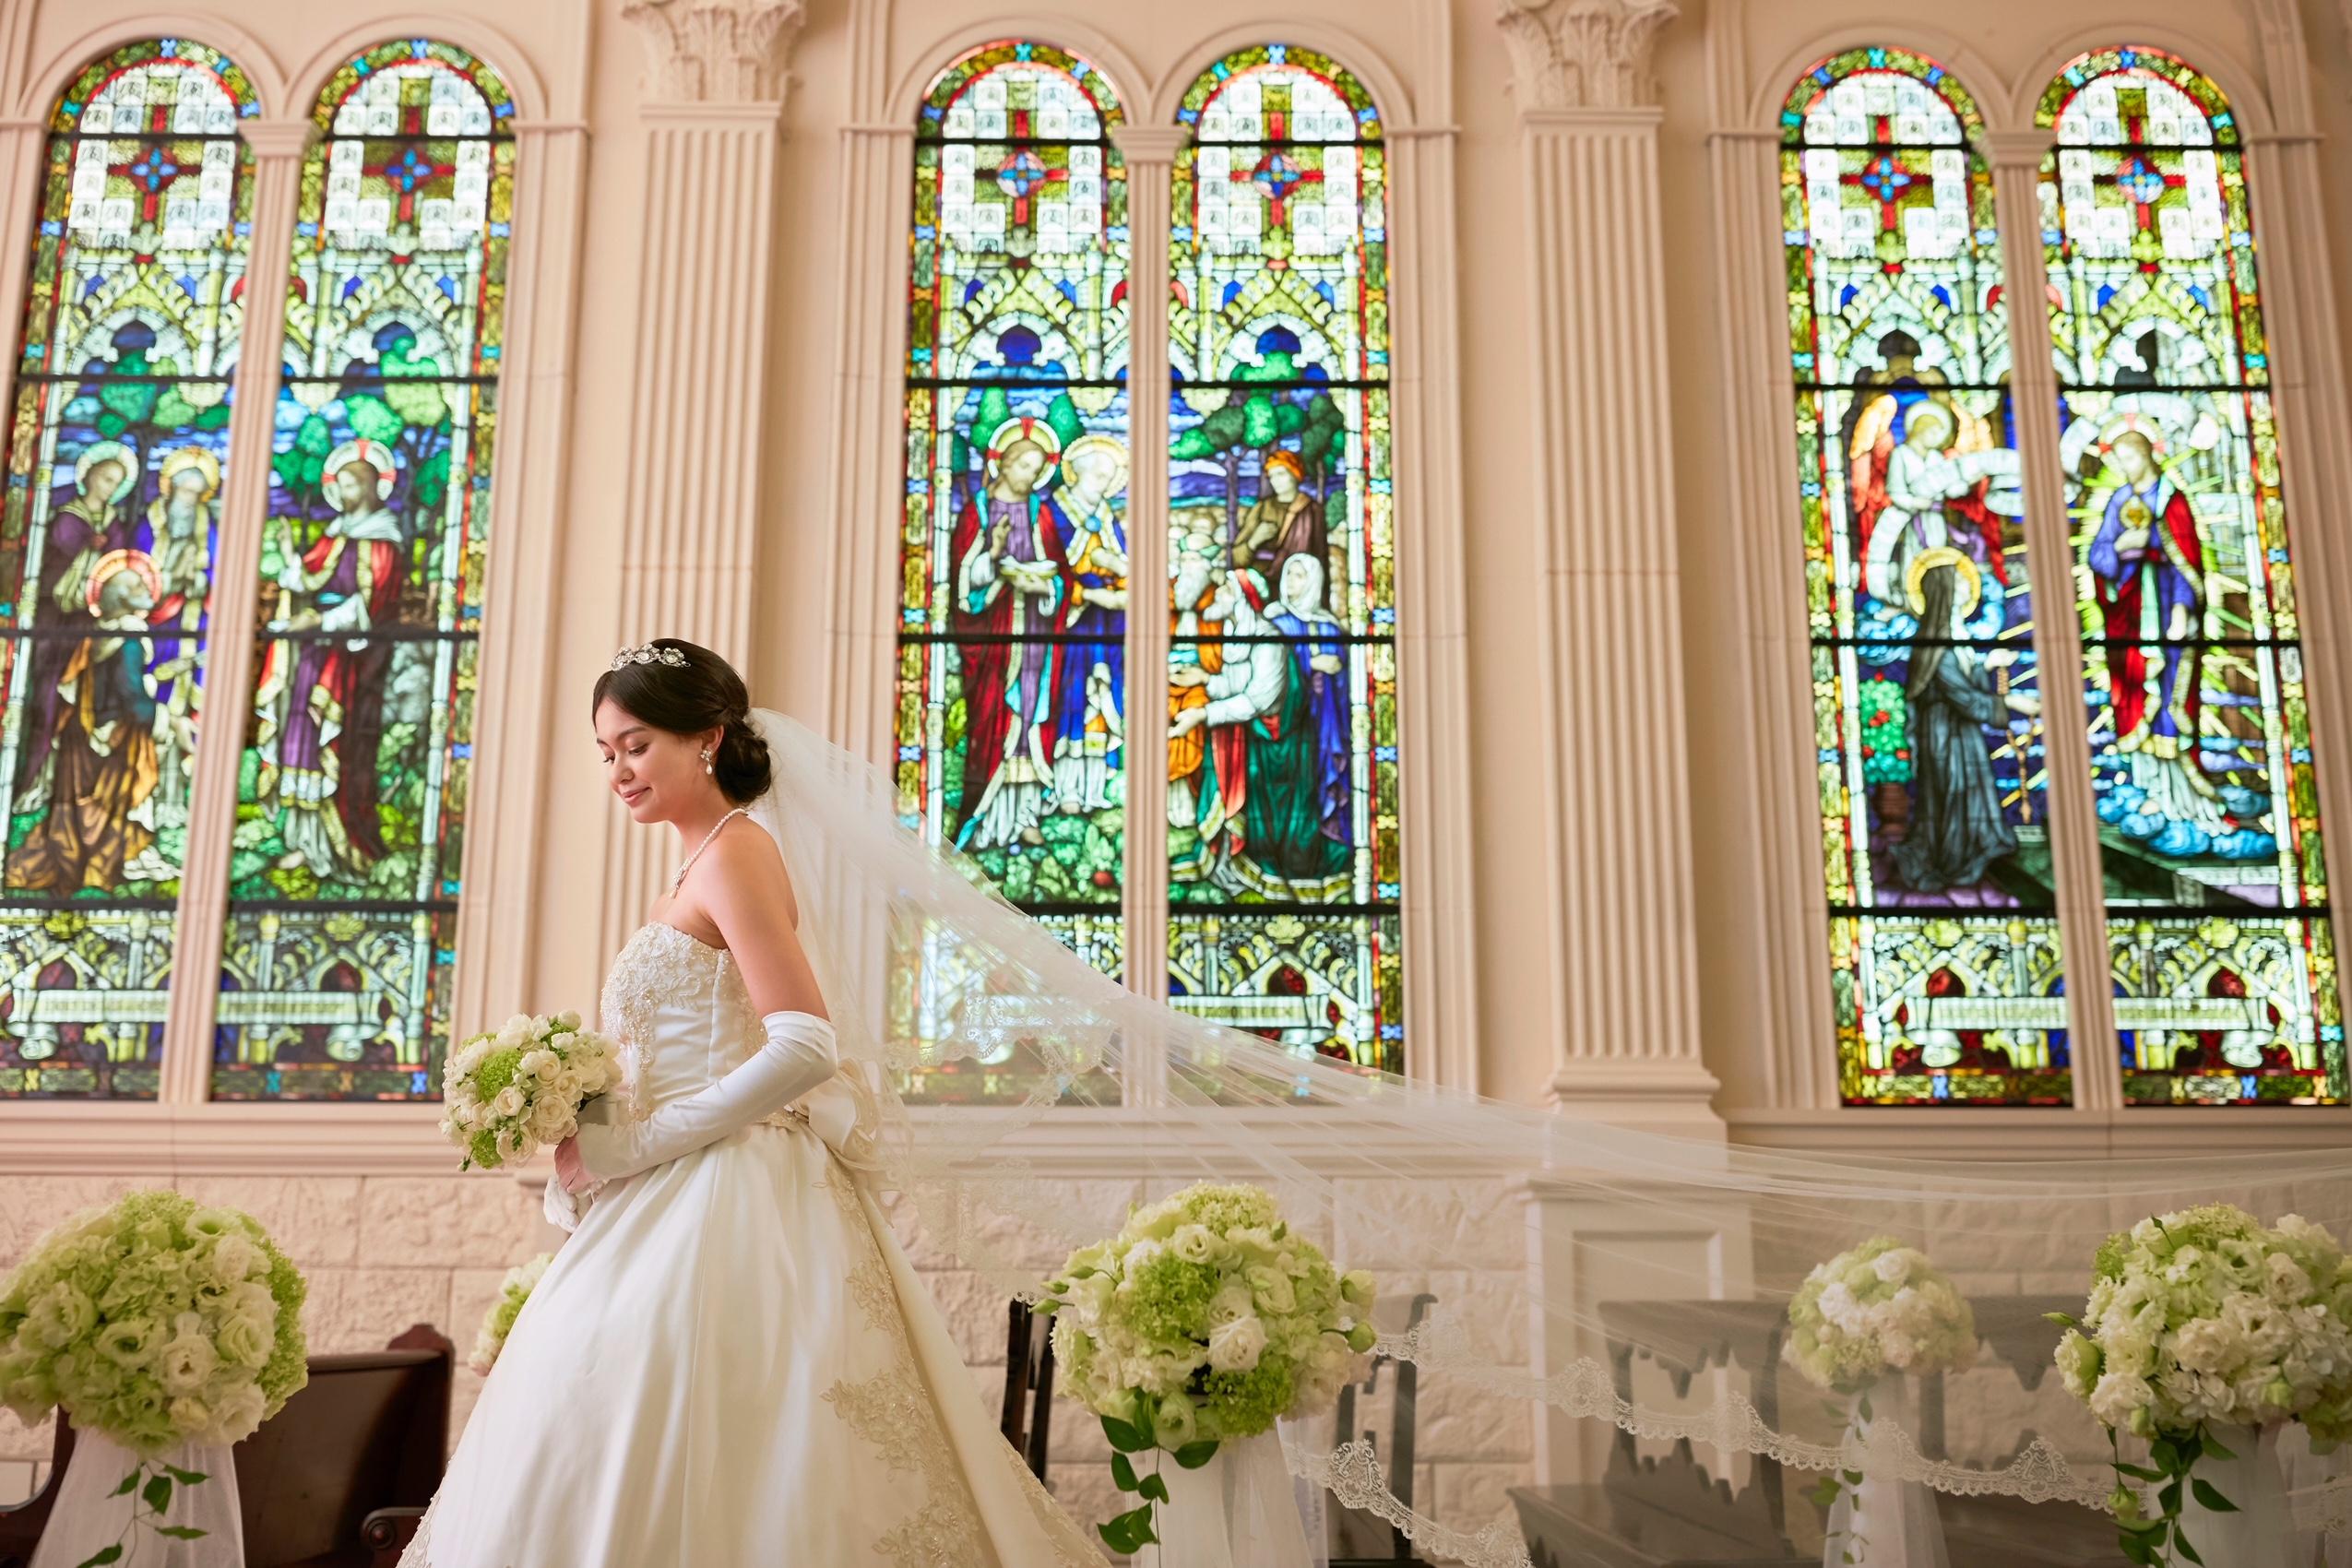 ≪大人花嫁の≫上質なおもてなしを叶える*プレミアムWフェア